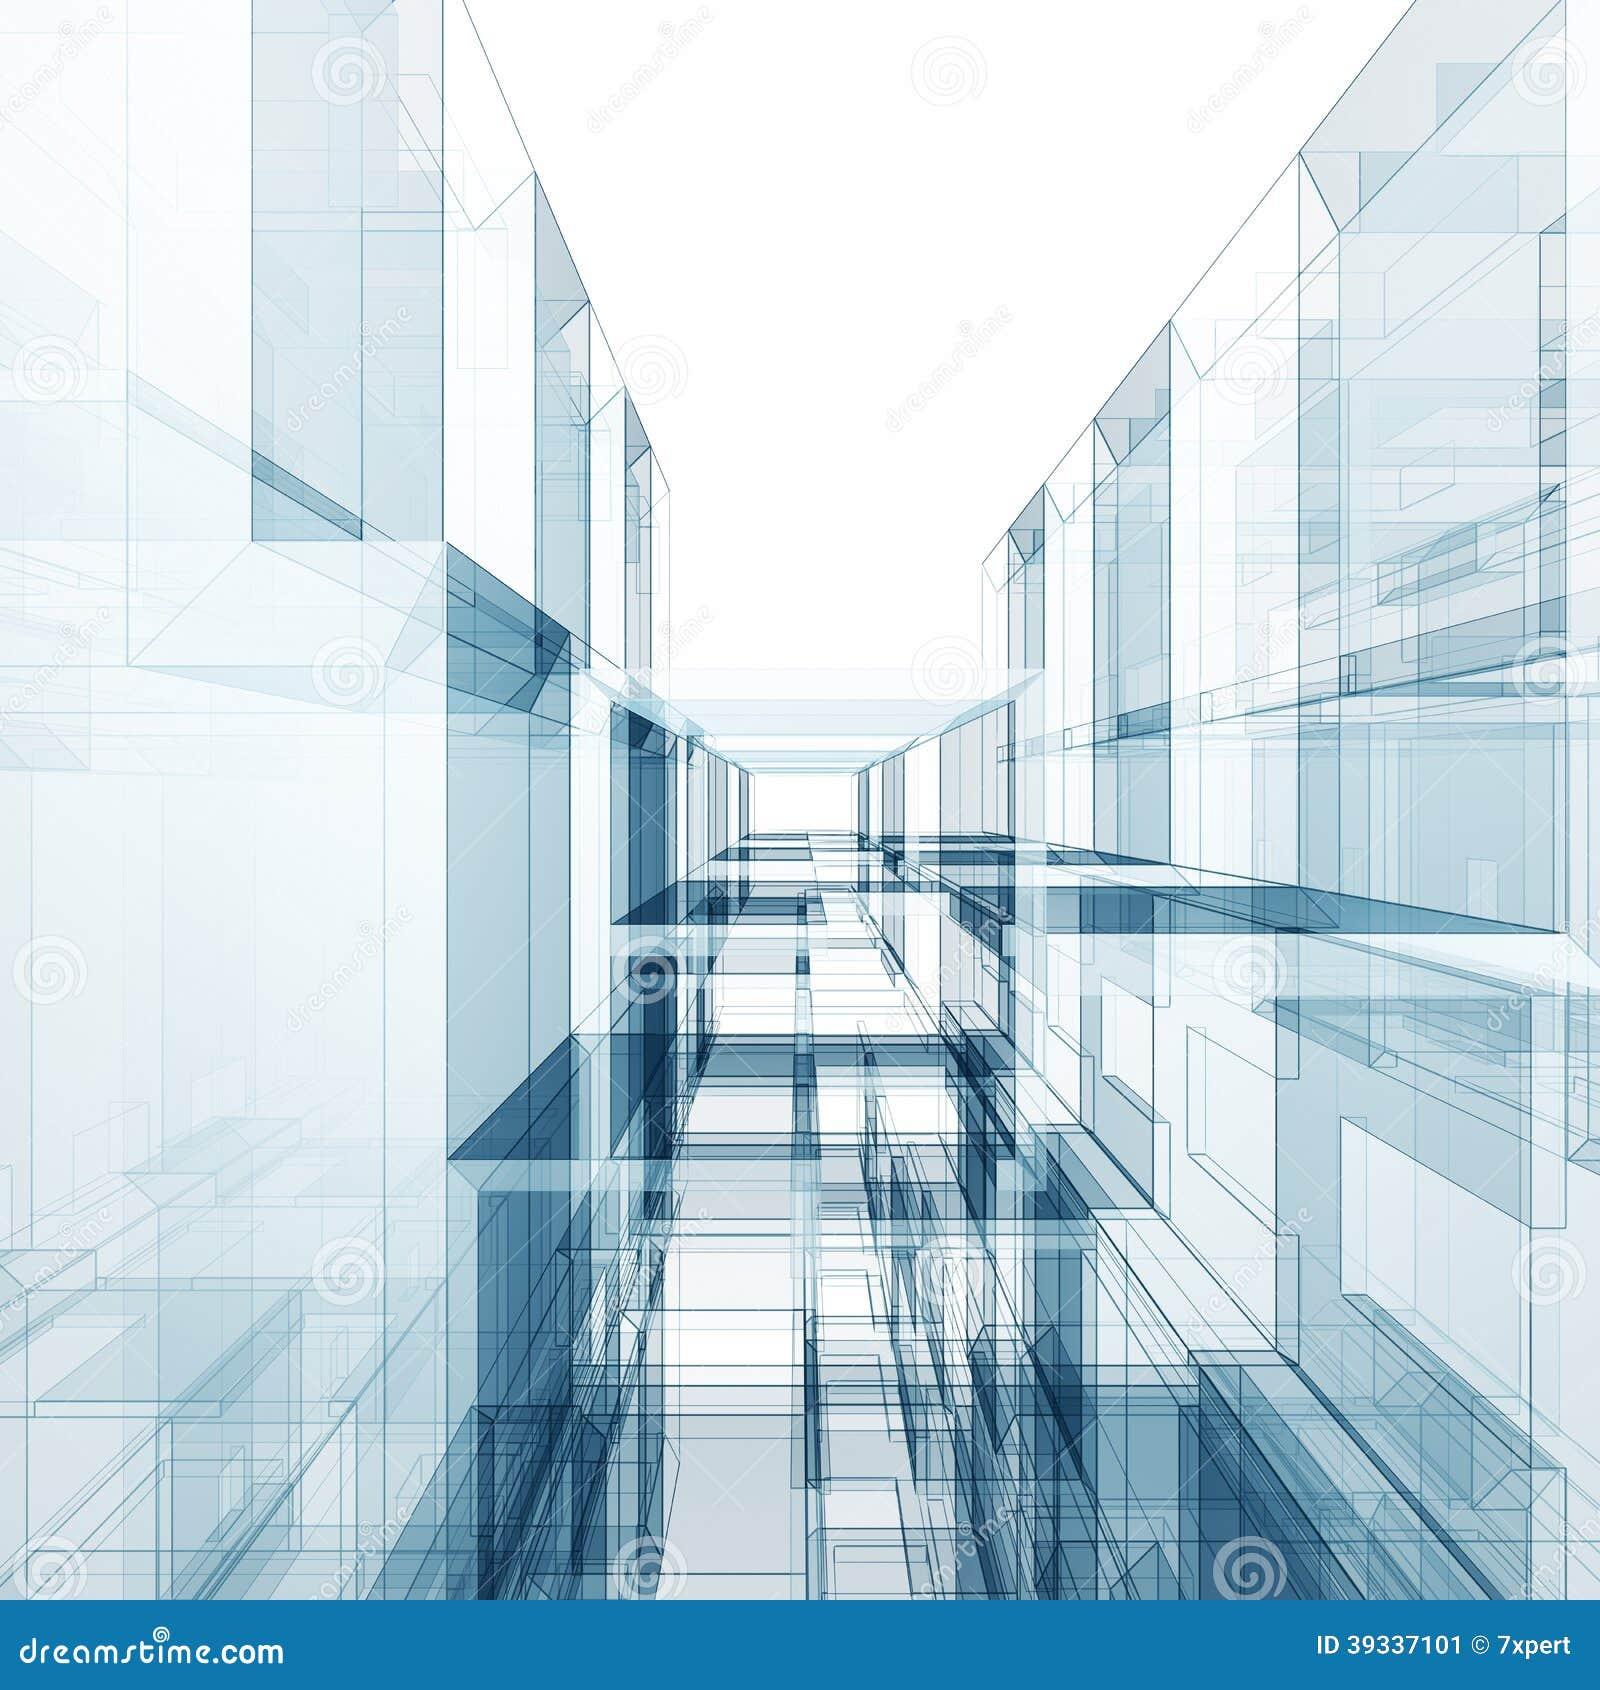 Architecture Design Background brilliant architecture design background backgrounds a to ideas